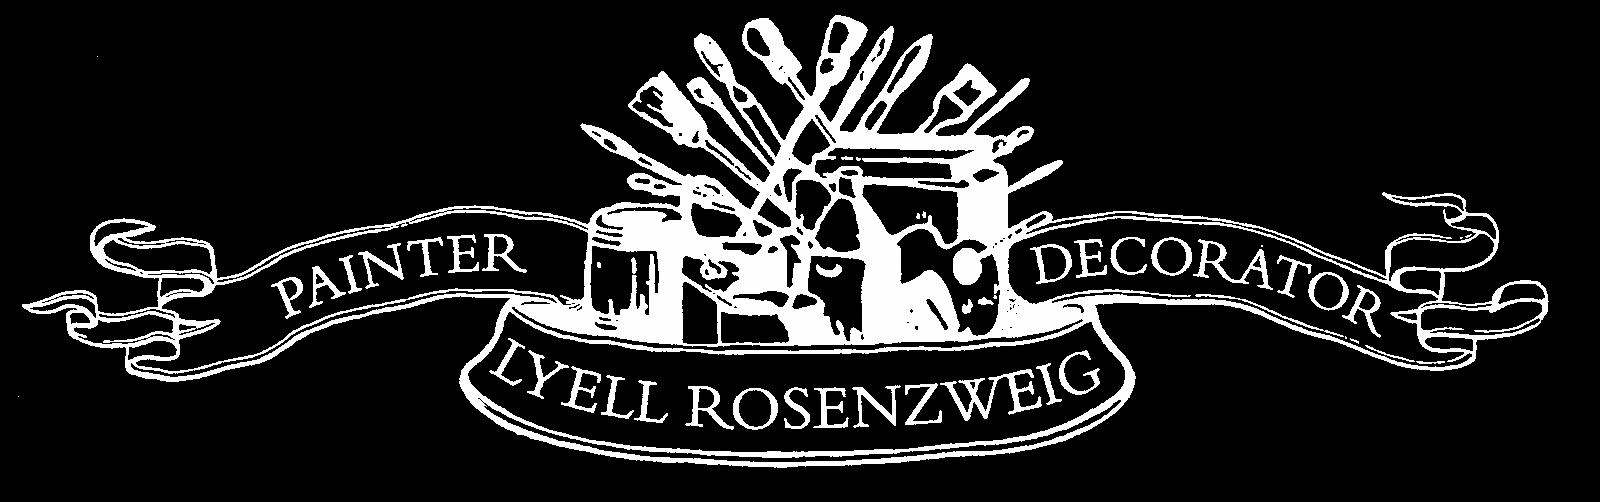 Lyell Rosenzweig